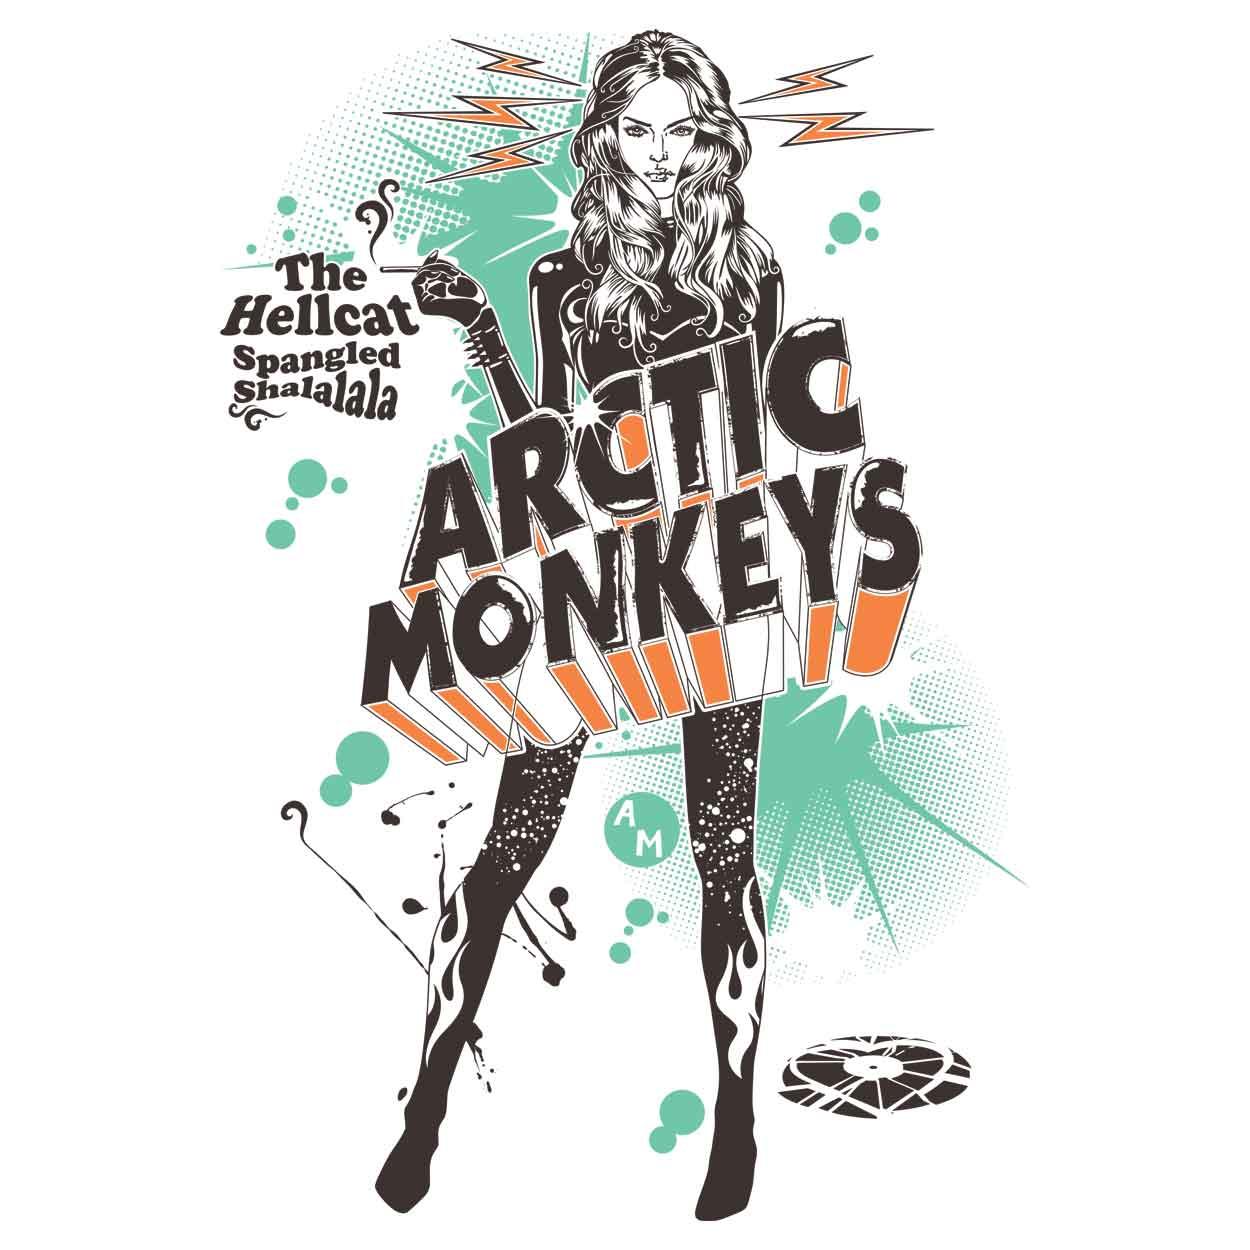 Camiseta The Hellcat Spangled  - Arctic Monkeys - Feminino